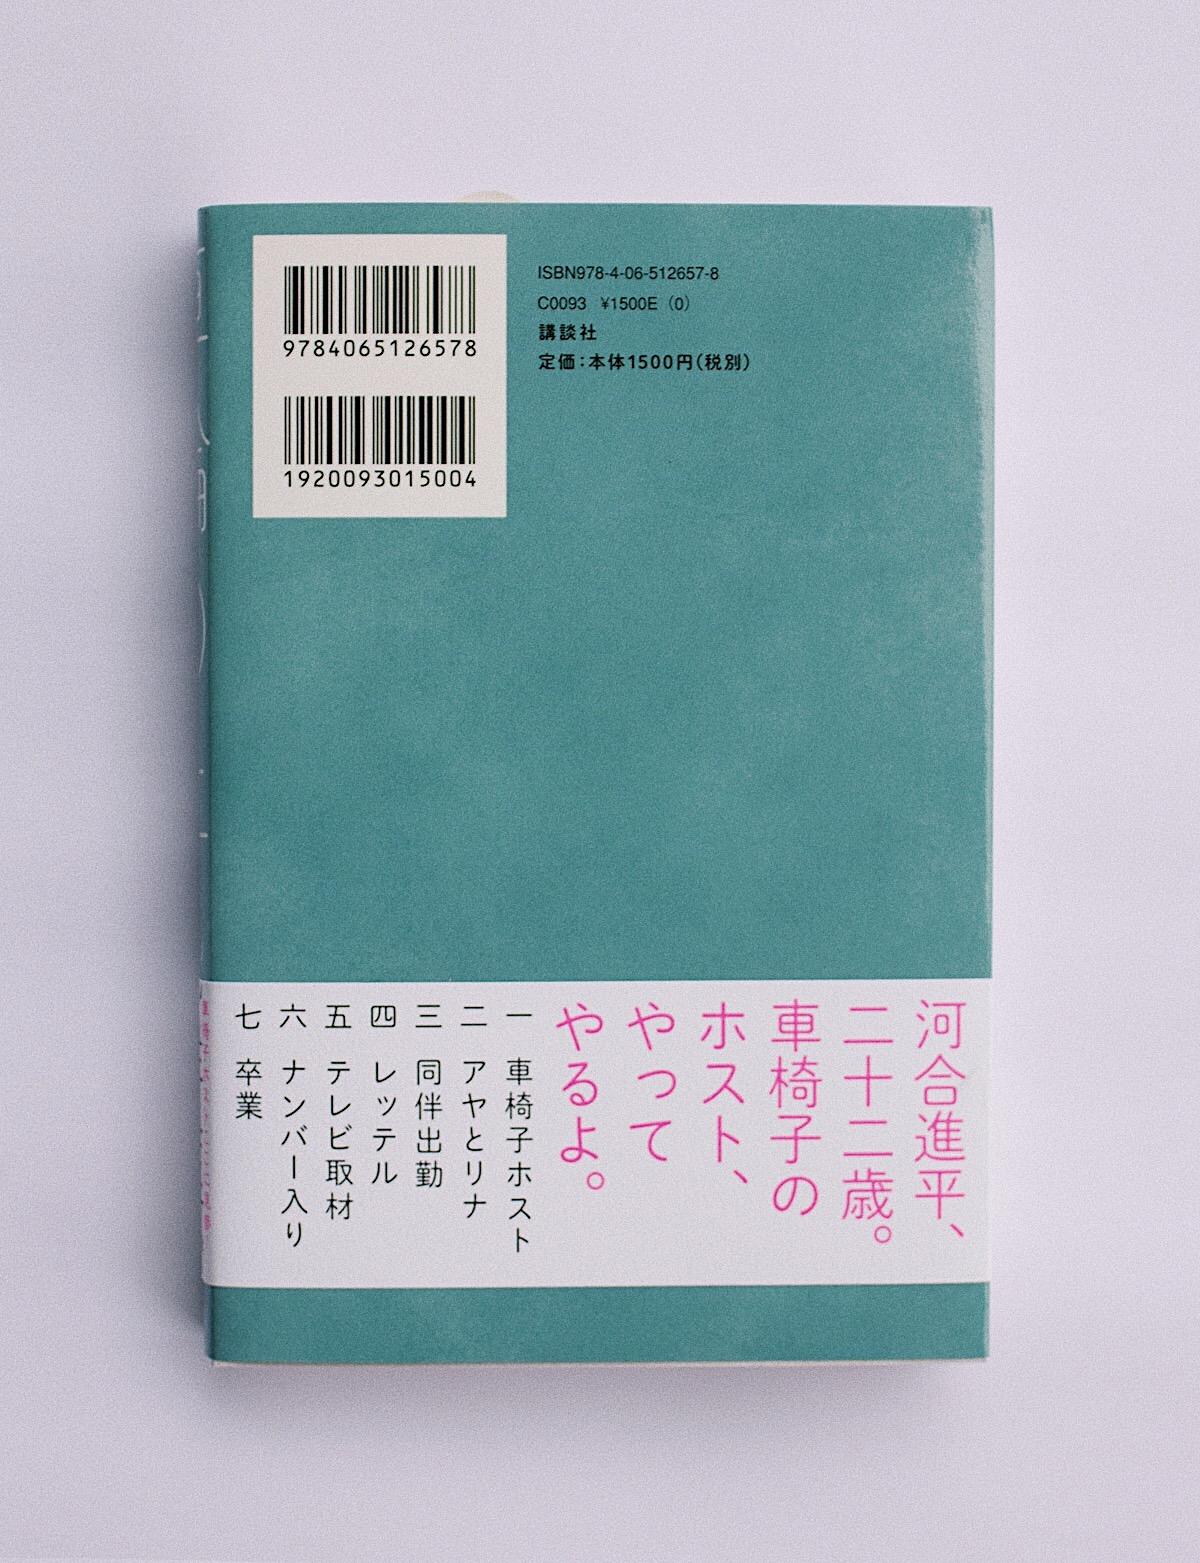 30B09B77-F05A-4E78-B776-93090496E36F.JPG